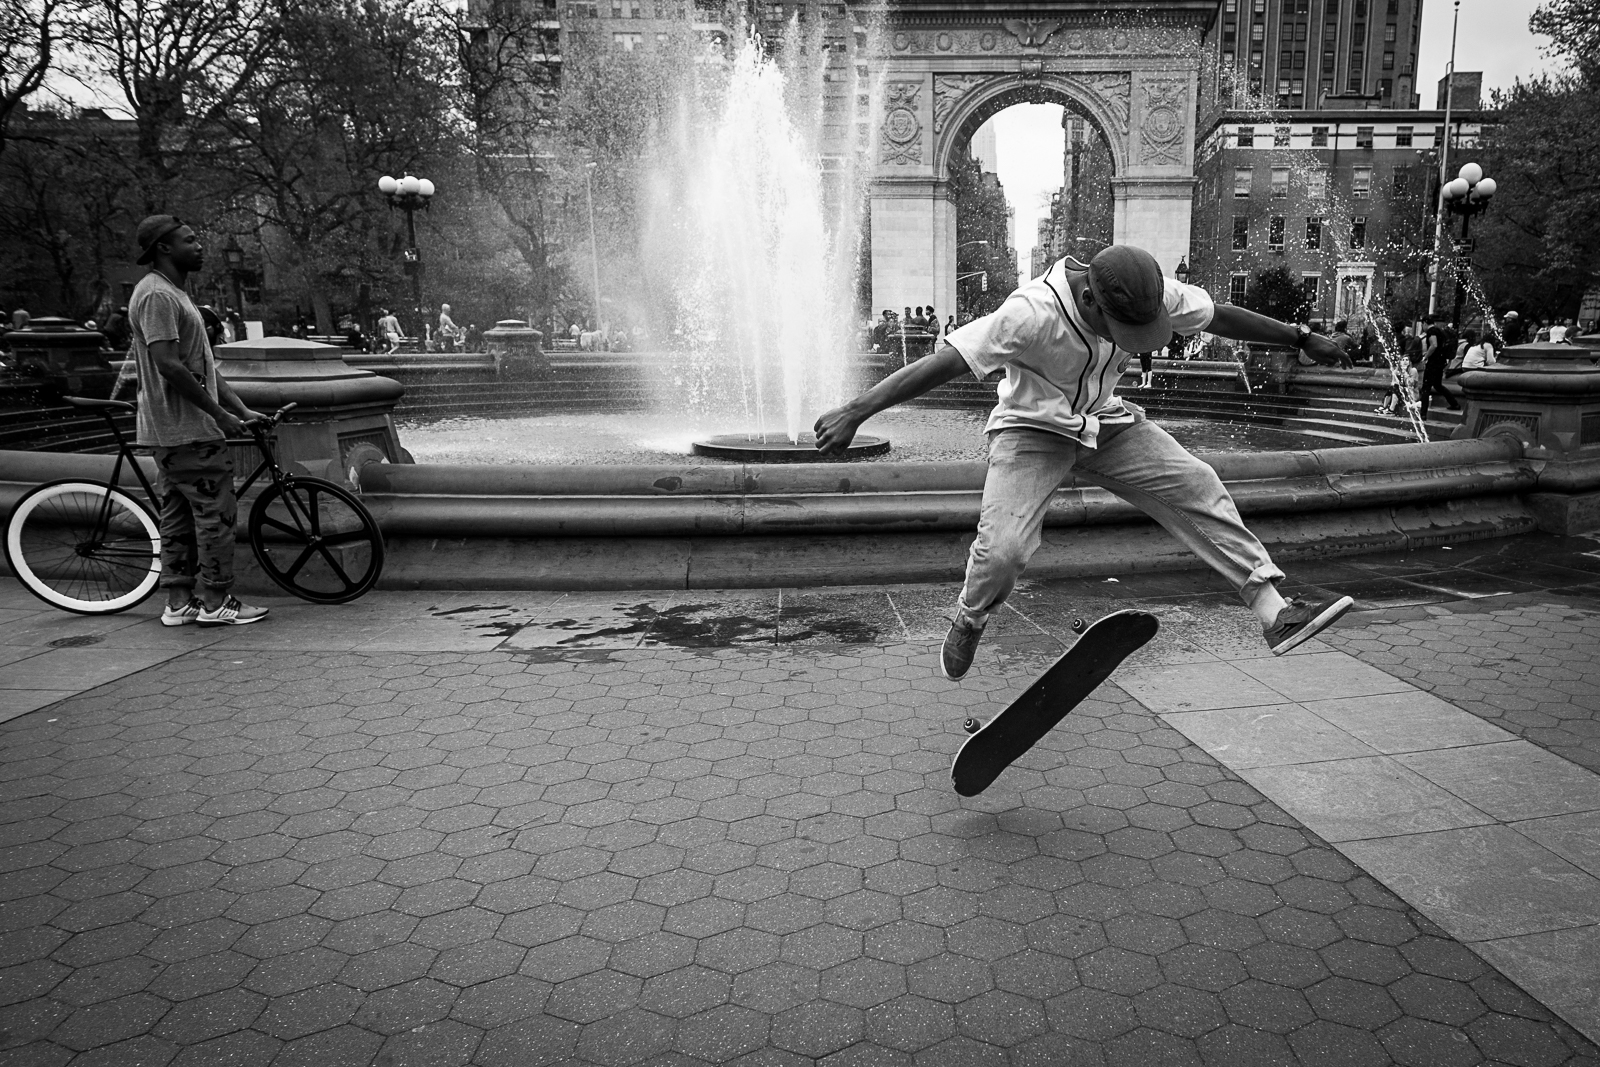 Skateboarder, New York